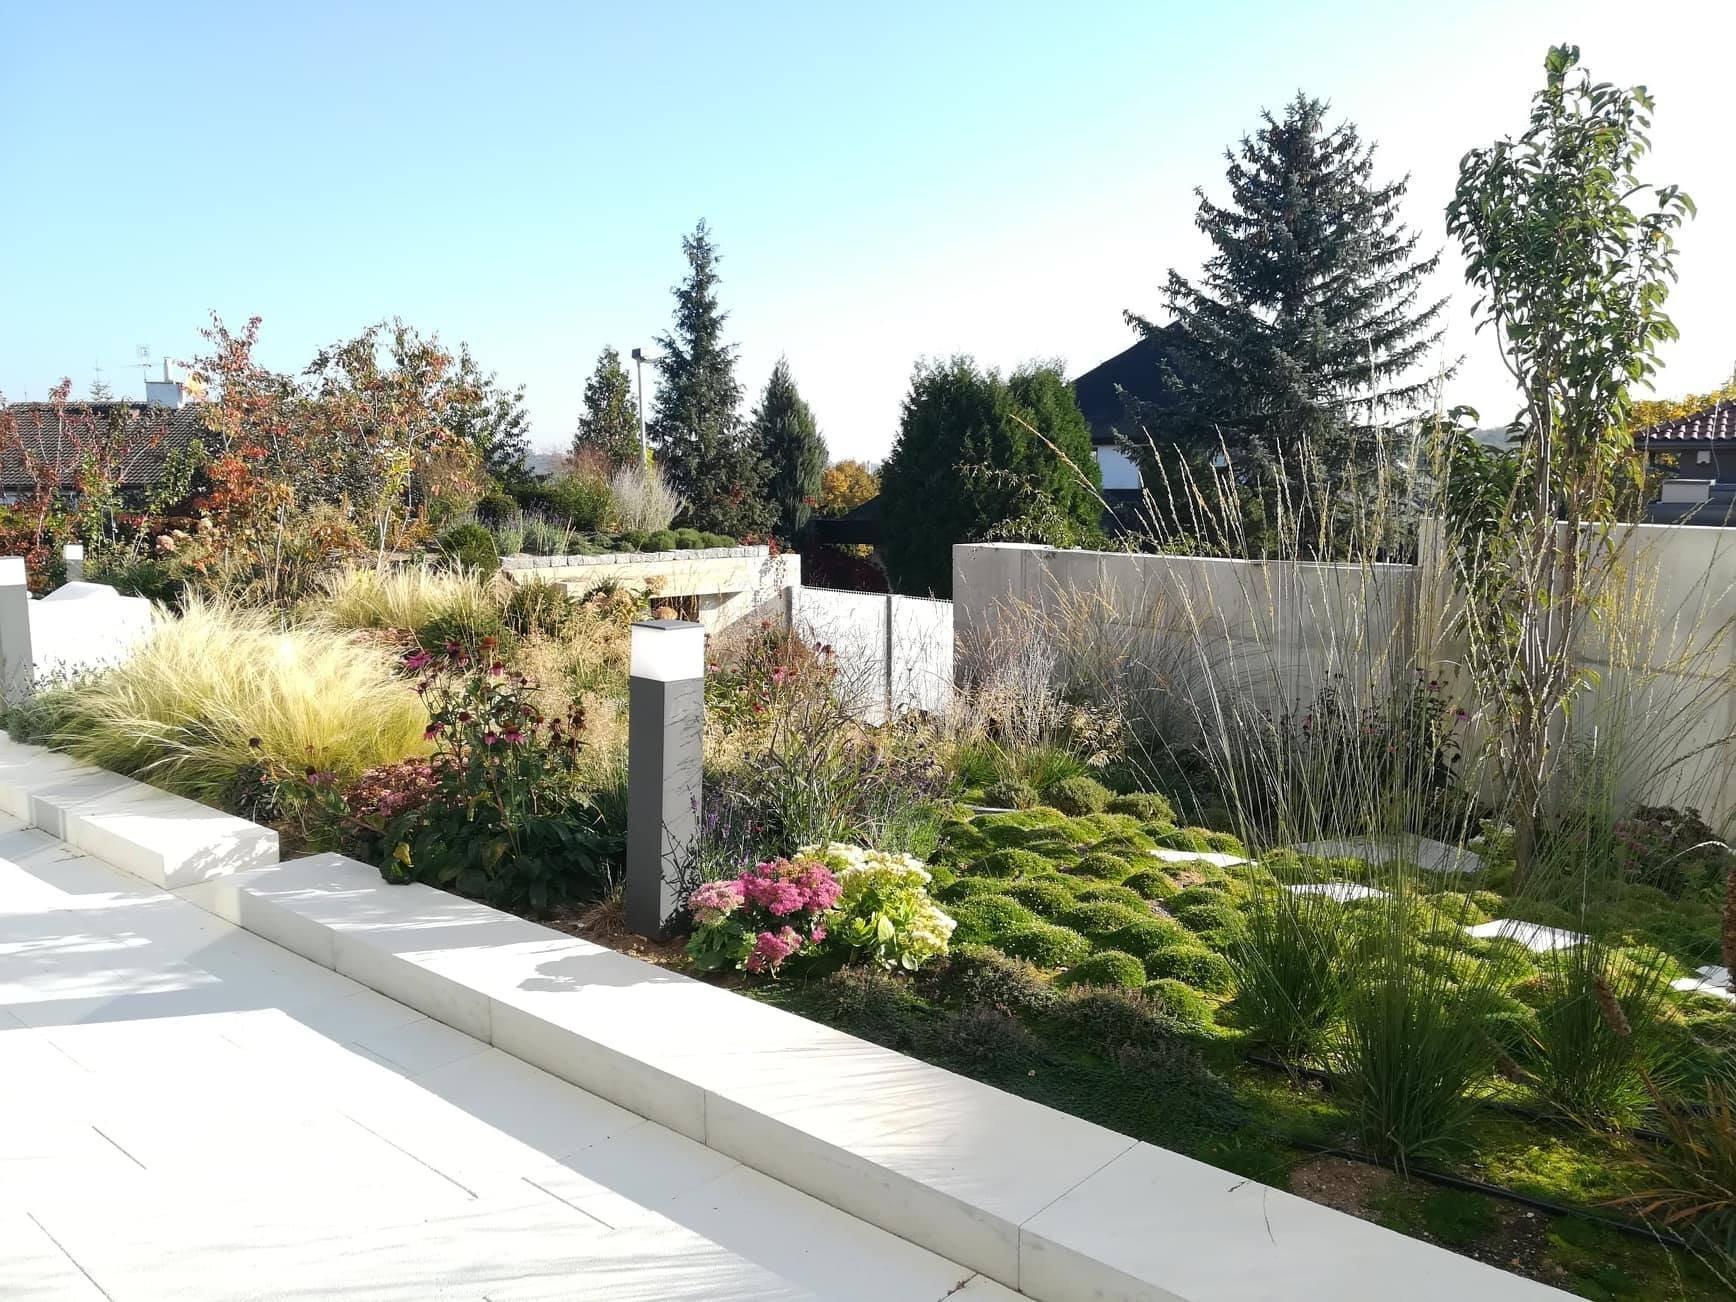 Cílem bylo vytvořit kontrast vertikálních travin a horizontálních zelených koberců. Ty v této části zahrady plně nahradí trávník.